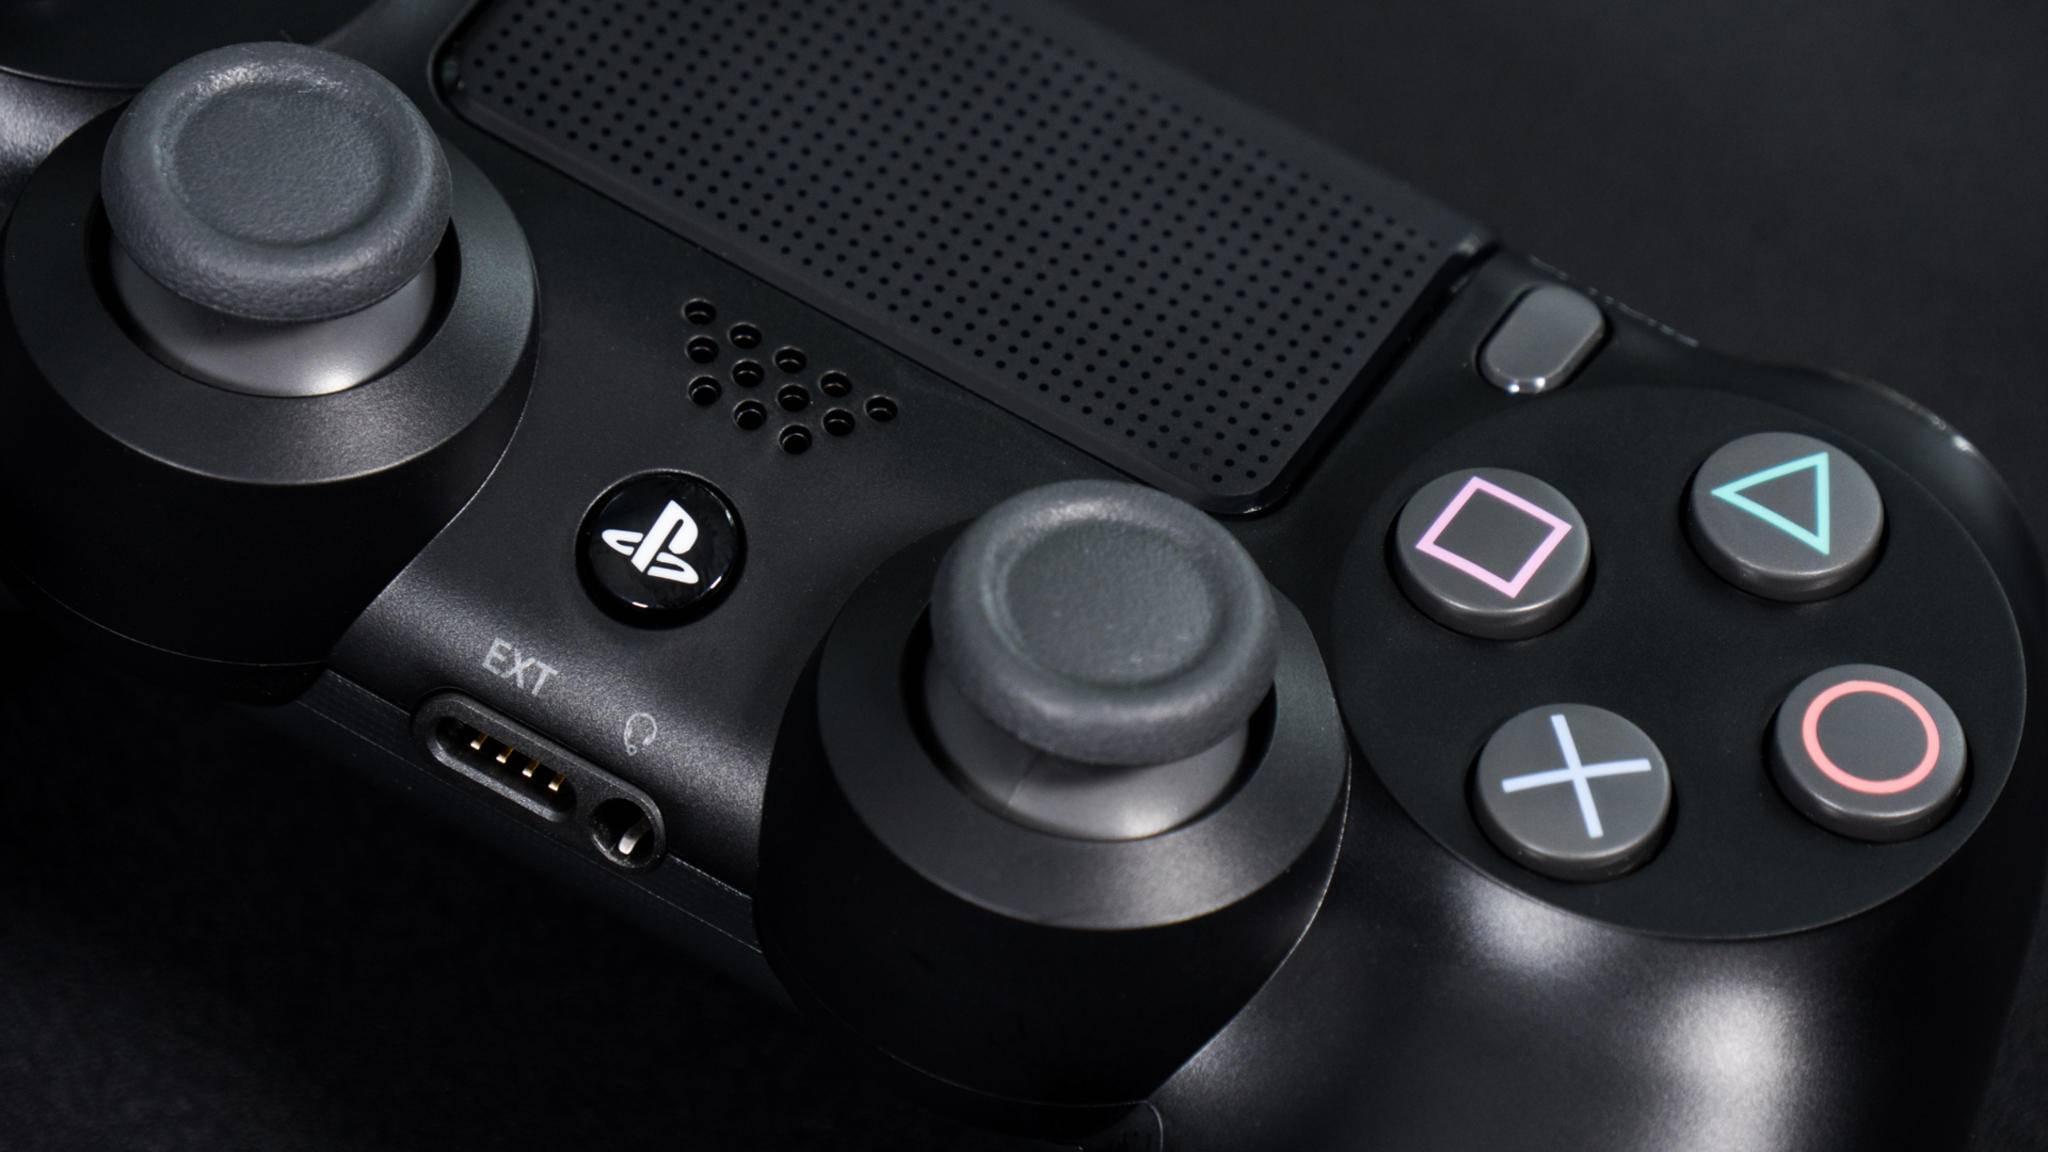 Das Sharefactory 2.0 Update bringt GIFs auf die PlayStation 4.